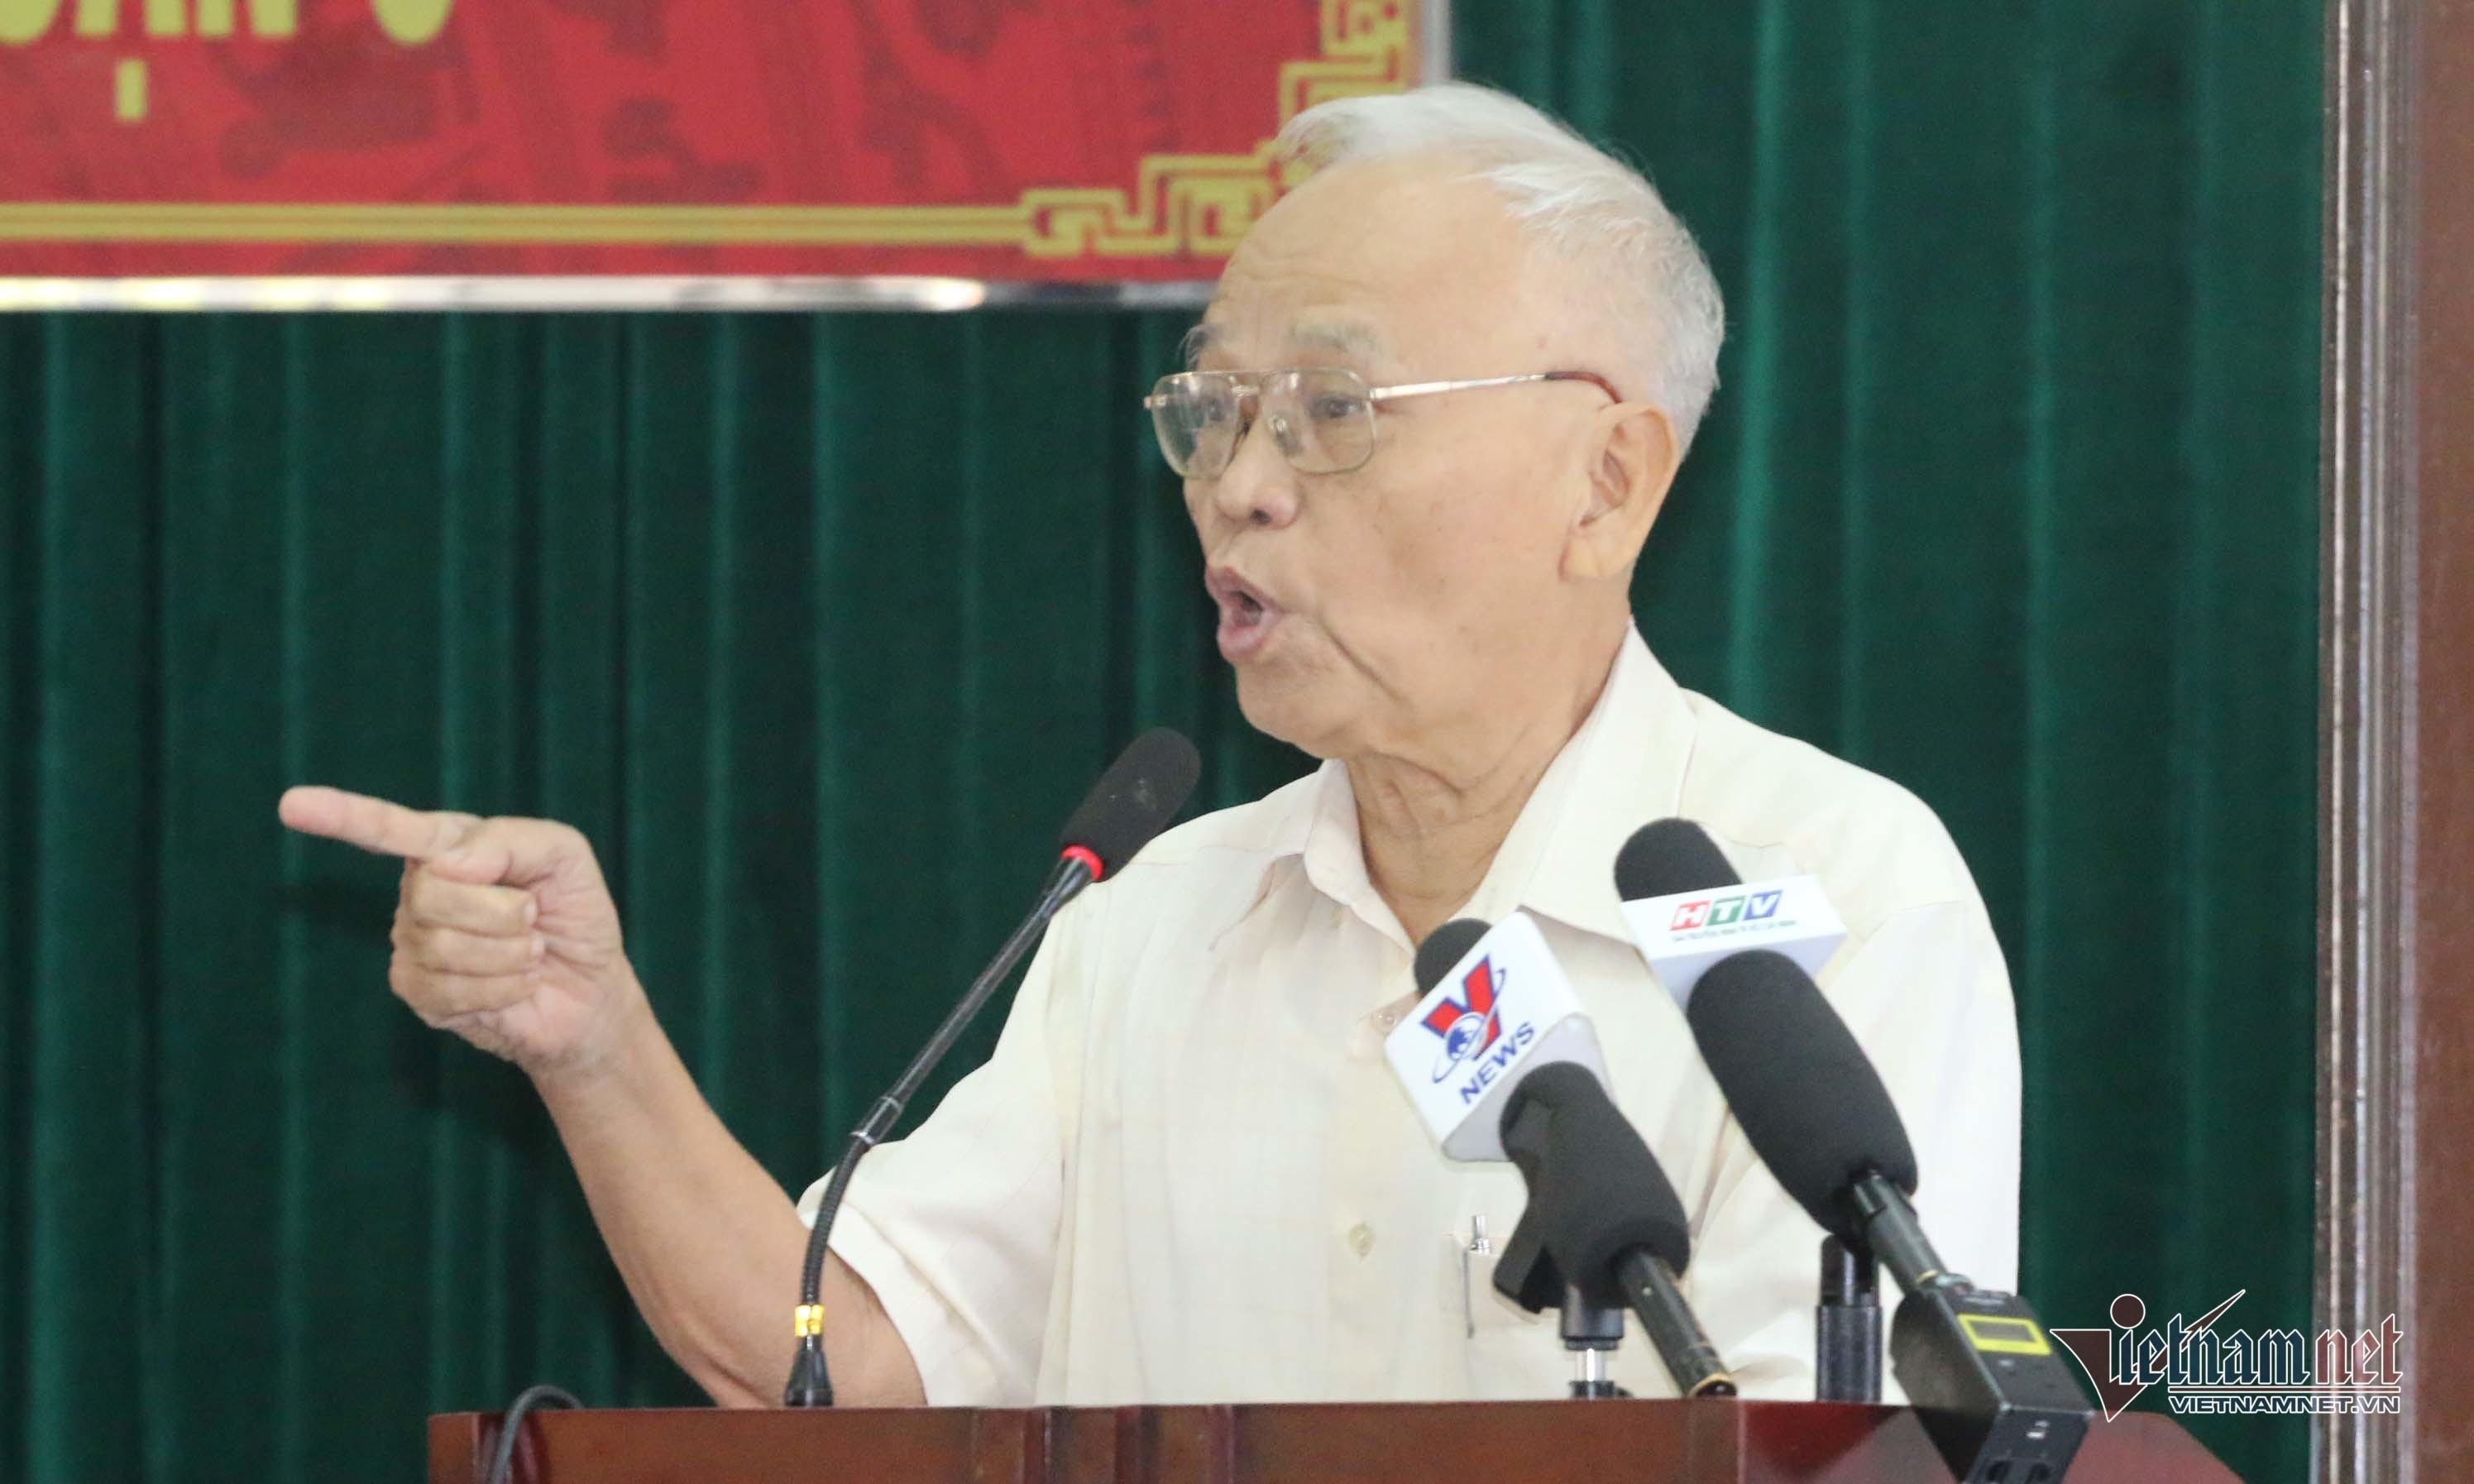 Cử tri khen ông Đoàn Ngọc Hải, đề nghị cách chức ông Tất Thành Cang